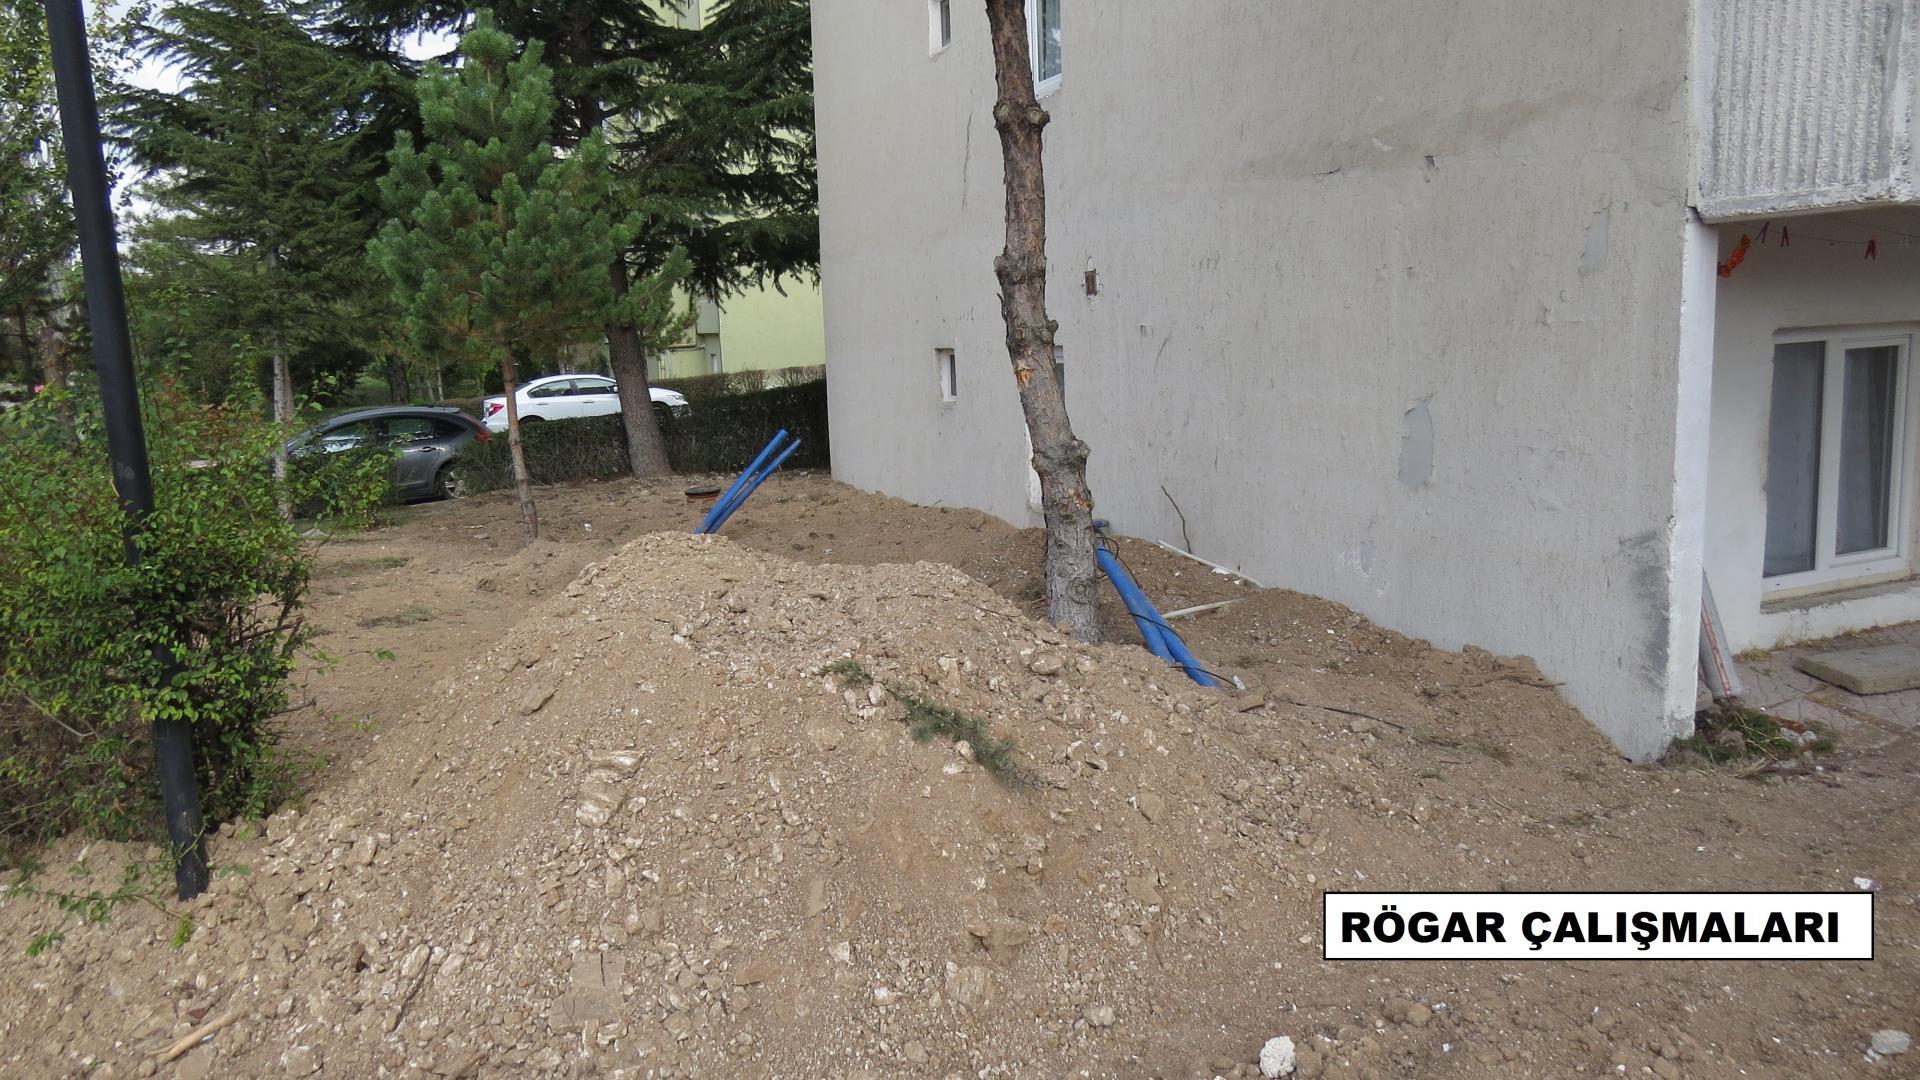 Rögar Çalışmaları 1485076838 353